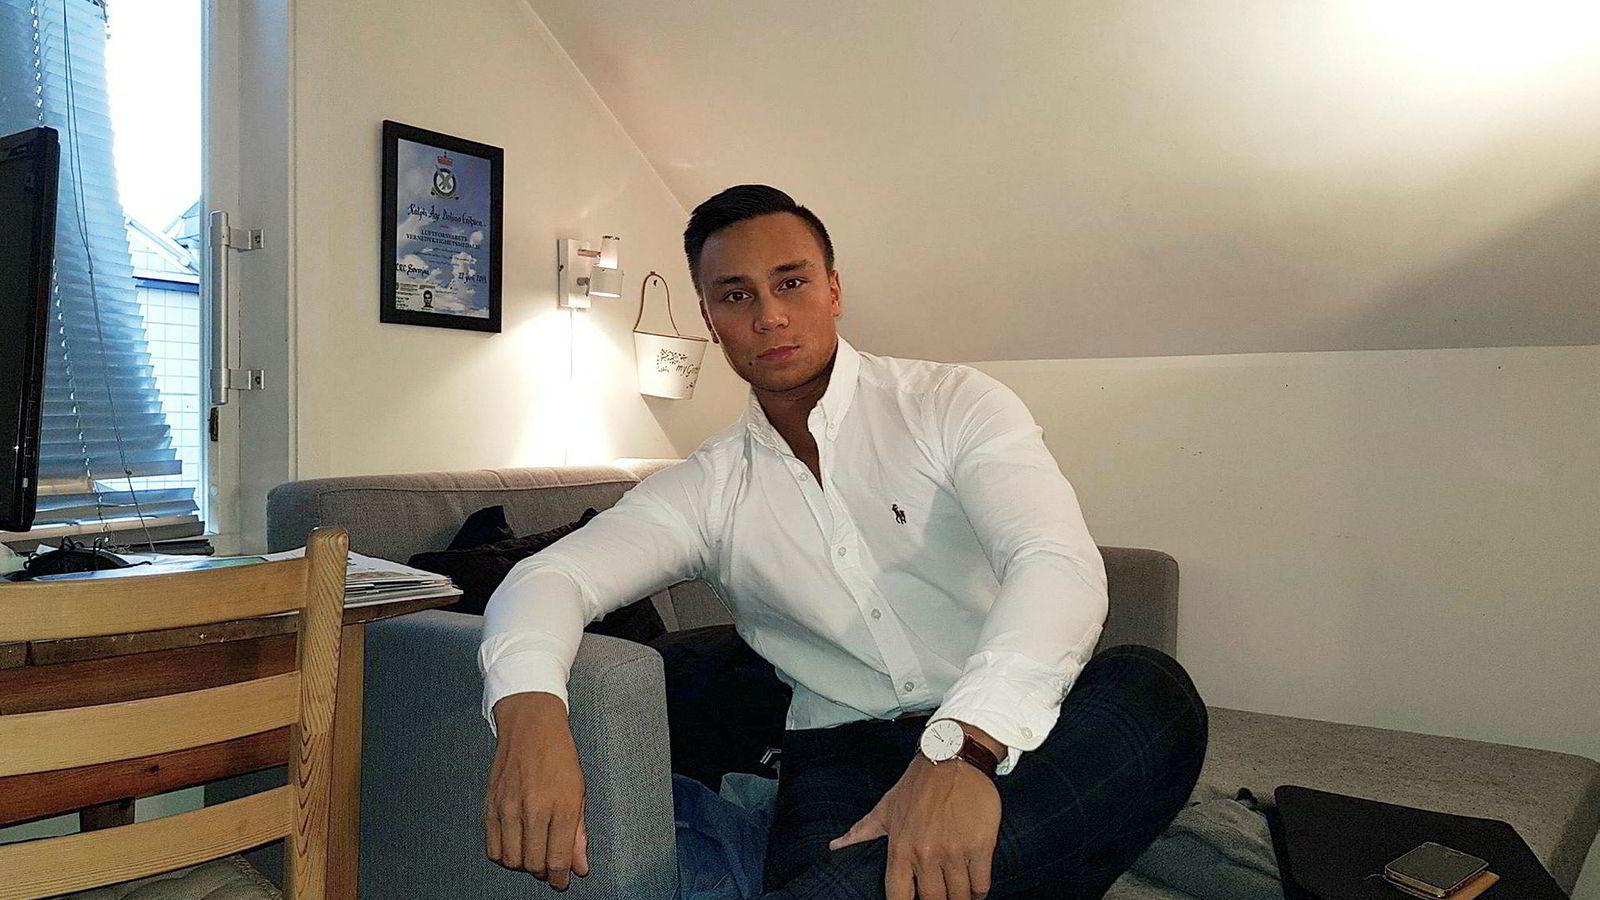 Philip Eriksen (22) fra Harstad har ifølge ham selv tjent millioner av kroner på utvinning og trading av bitcoin.